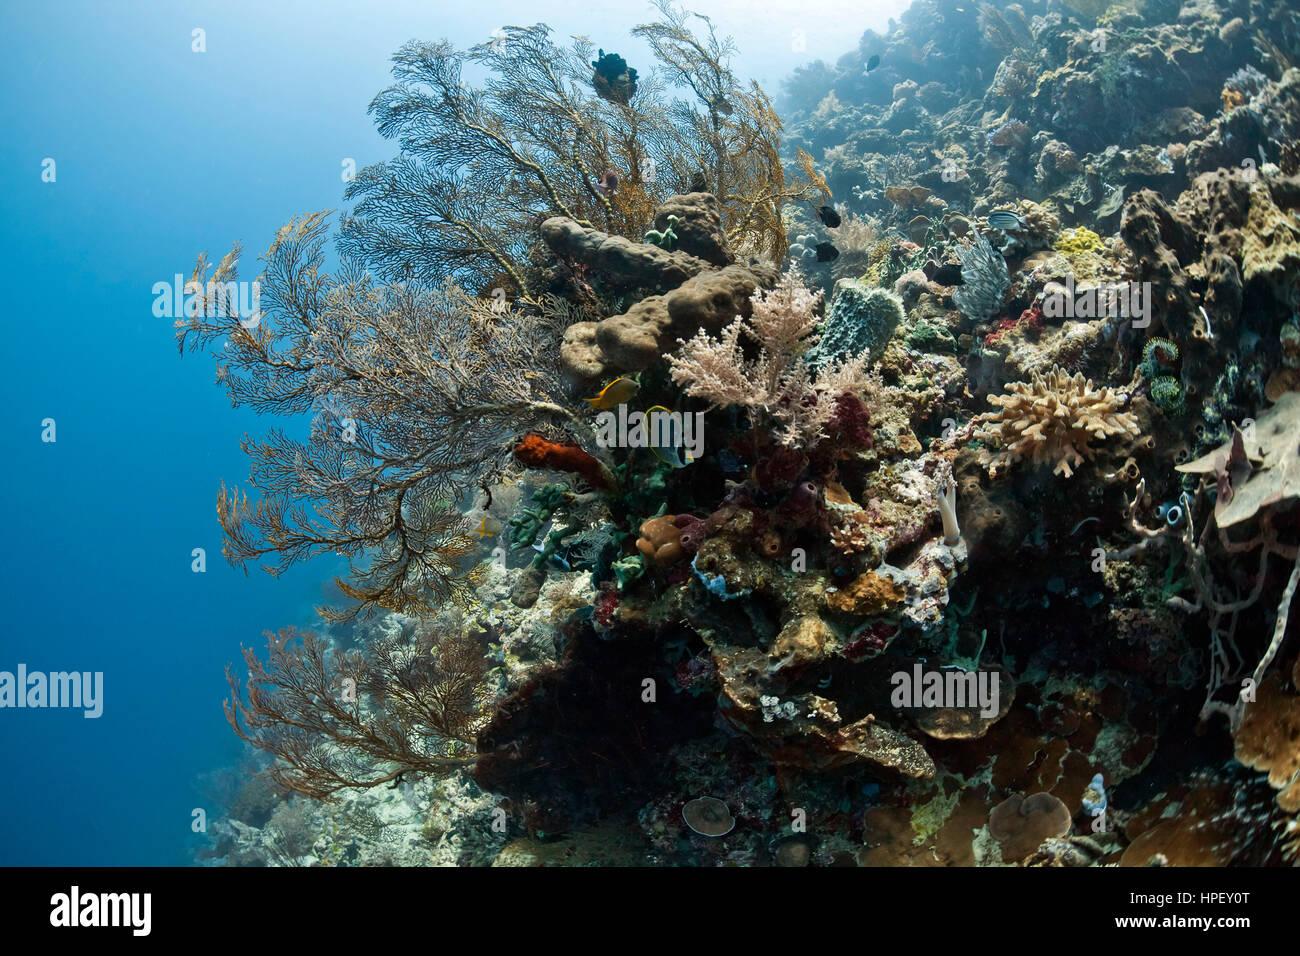 Coral reef in front of Menjangan, sea fan, Mopsella sp, Bali, Asia - Stock Image